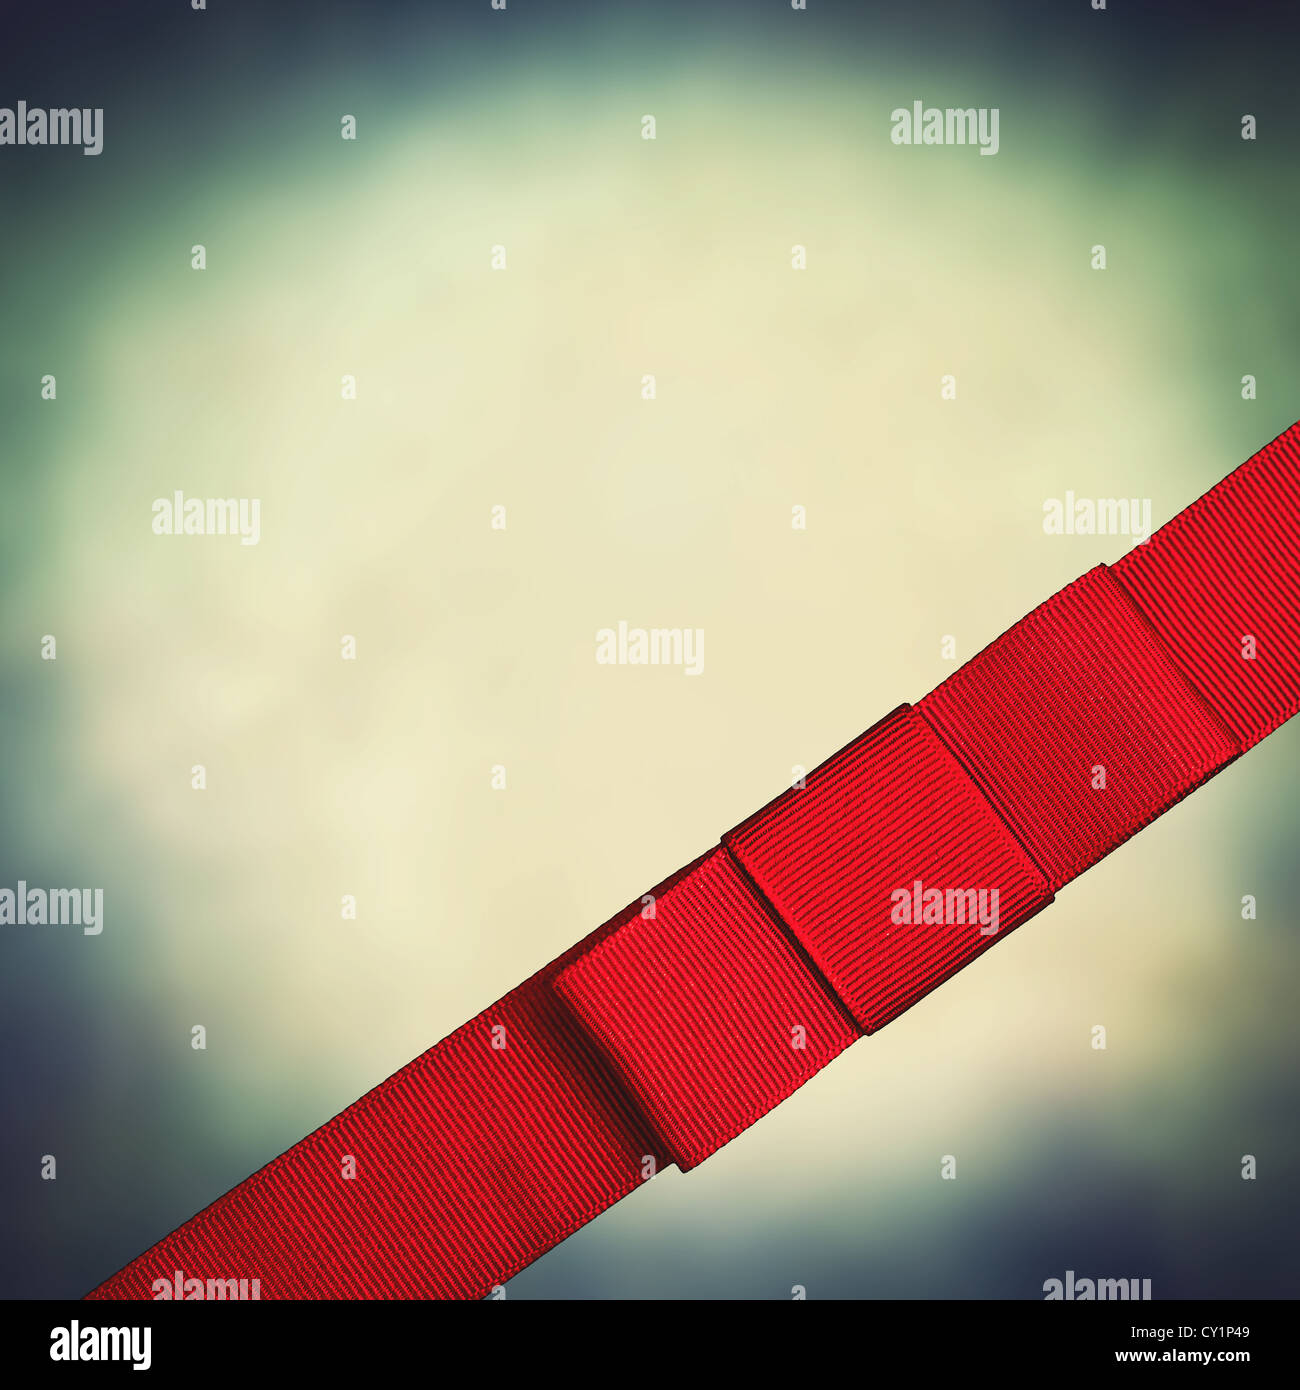 square ribbon - Stock Image